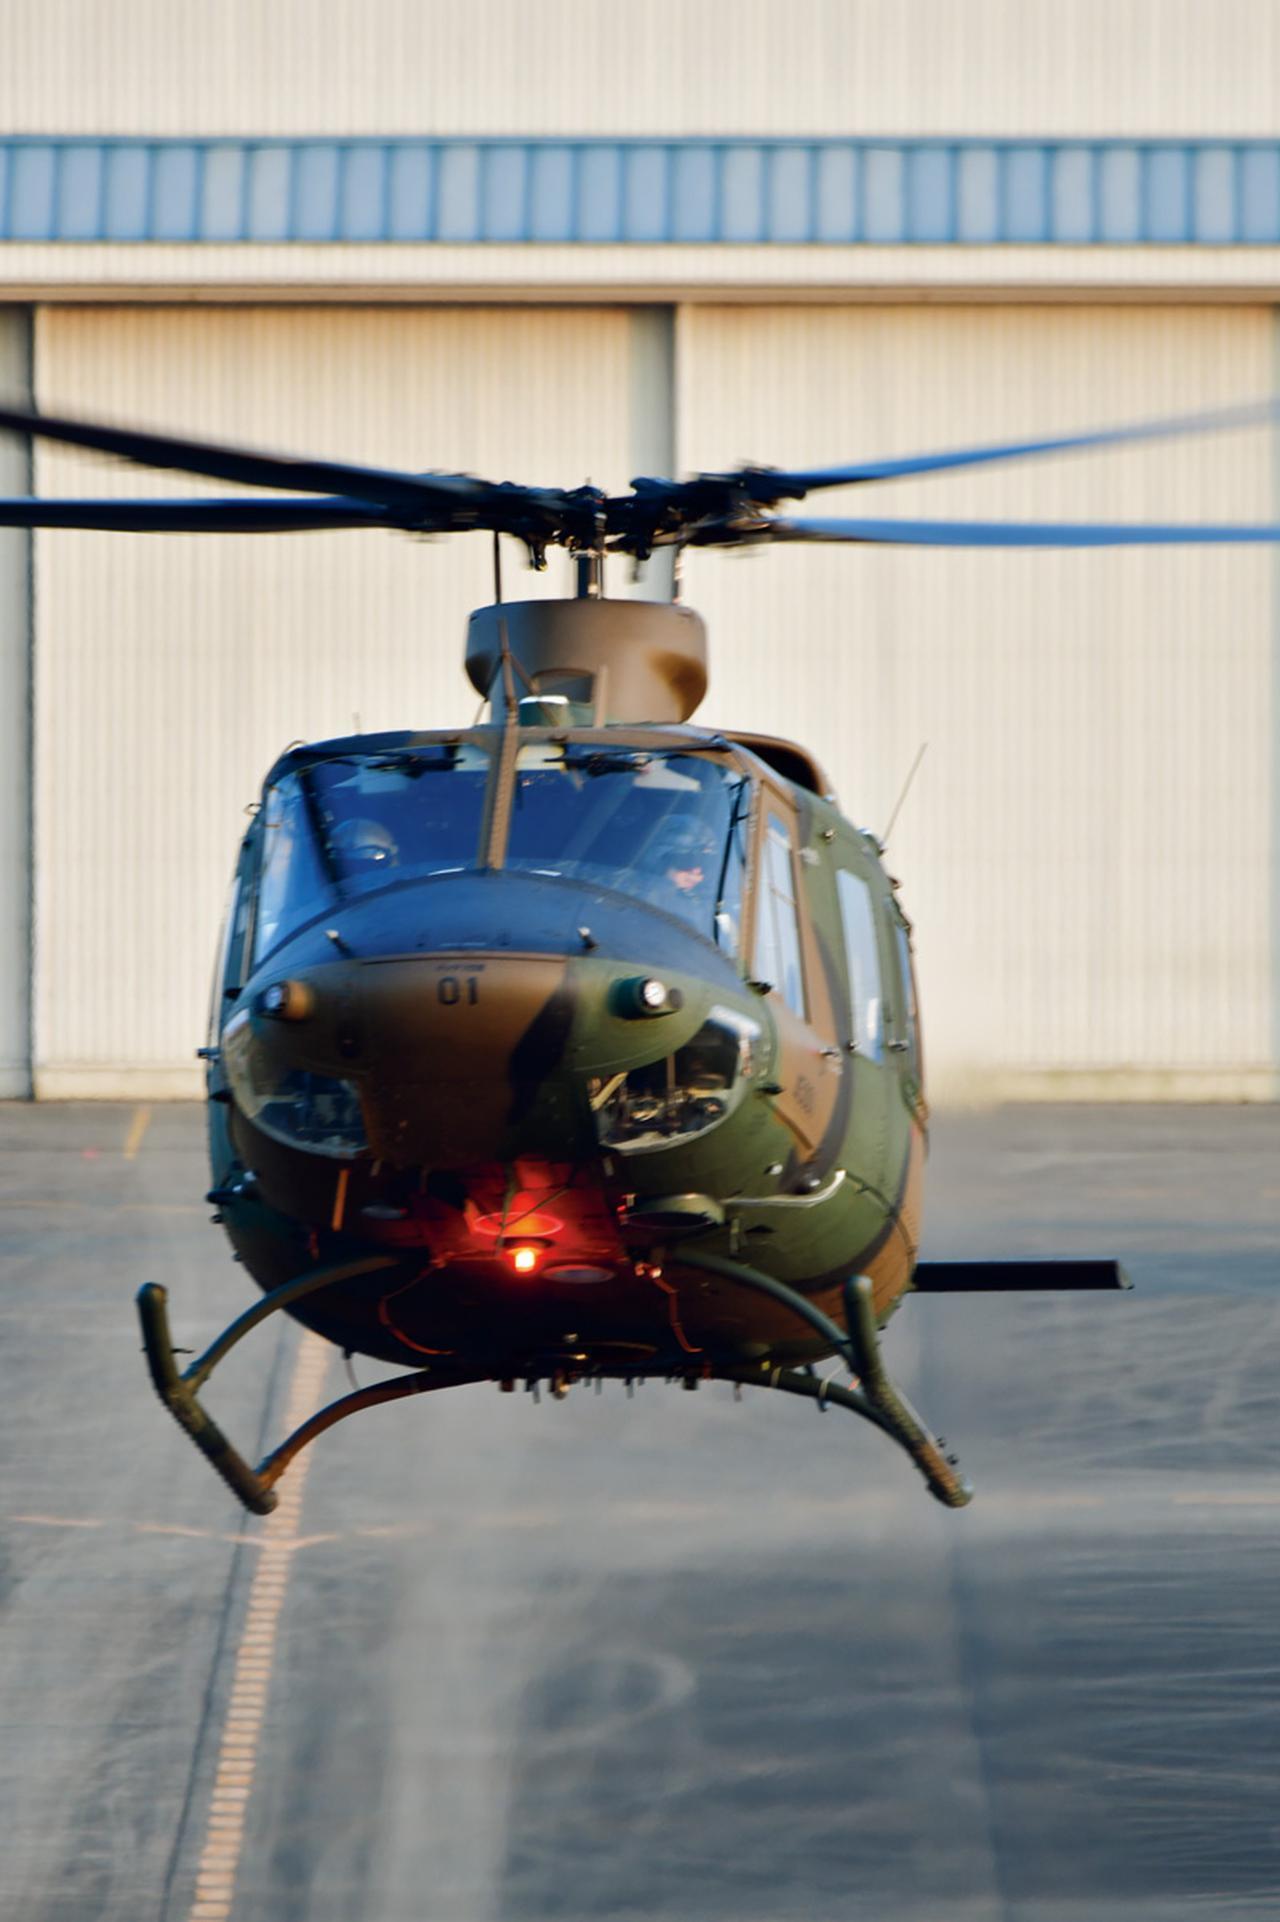 画像: 開発中ヘリコプターの飛行実験に密着。「飛行実験隊」の苦労とは?